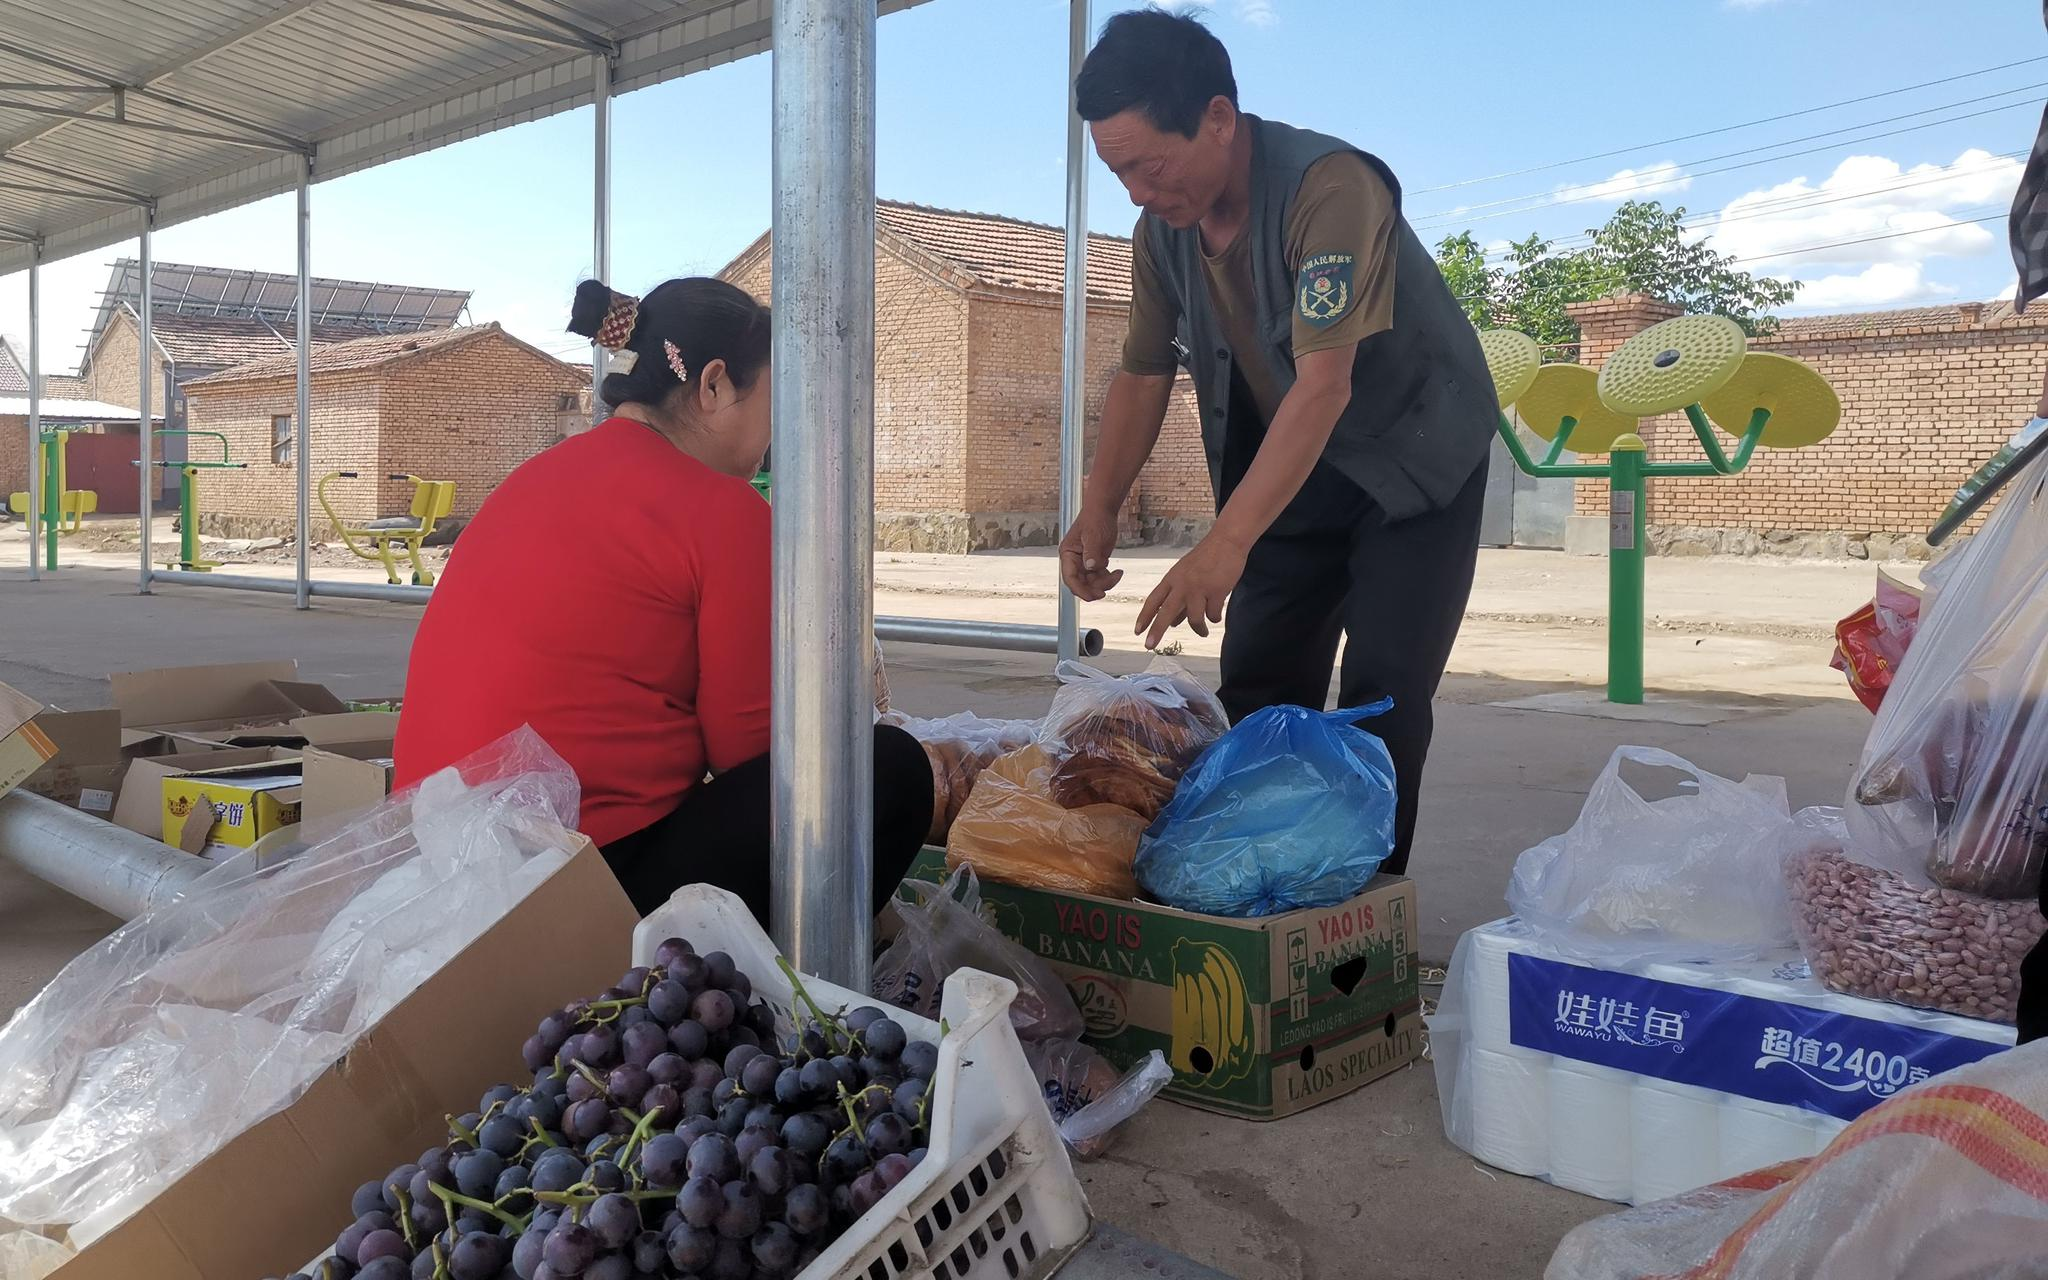 """把菜直接卖到北京社区 这位扶贫书记帮村民完成""""不可能的任务""""图片"""